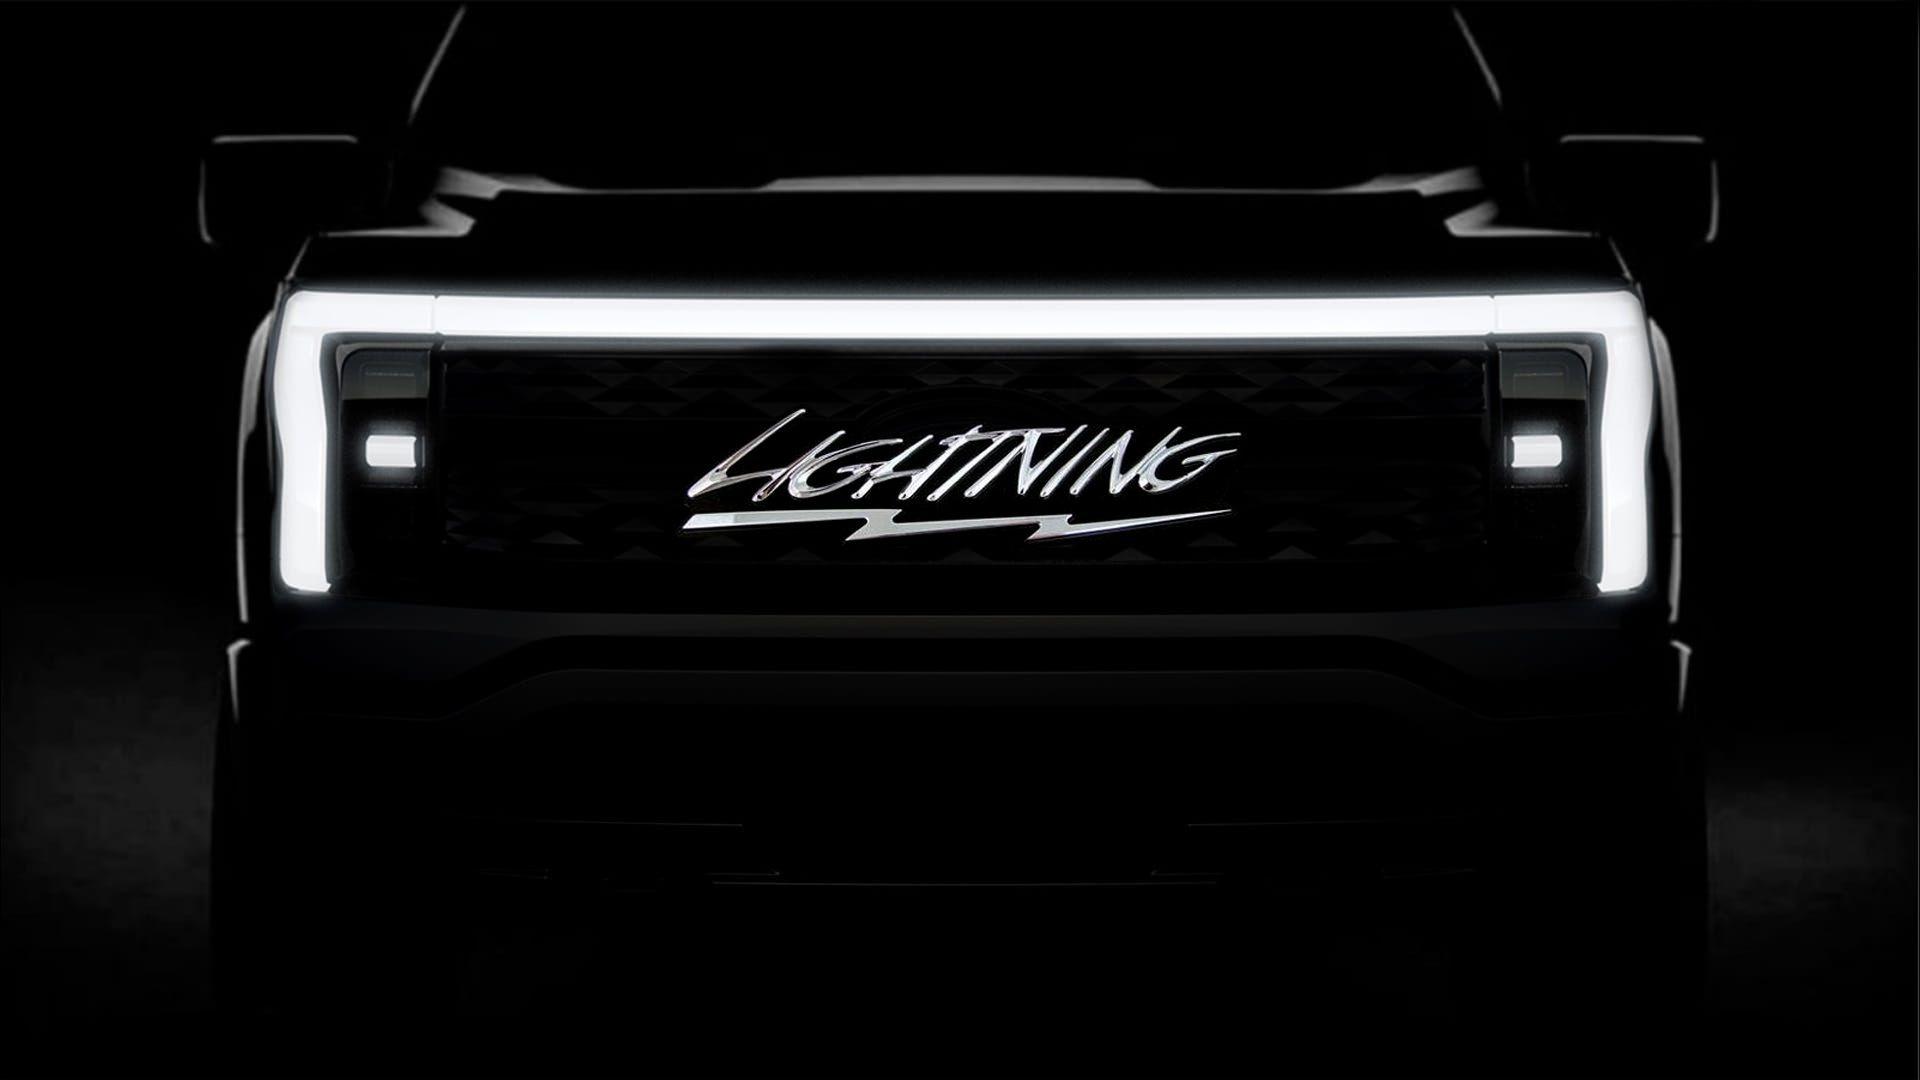 После смены поколения Ford F-150 пошли разговоры о подготовке «зеленой» версии, которая, к тому же, должна стать еще и самой мощной. Информация о ней выдавалась производителем порционно с прошлой осени, а теперь раскрыта дата премьеры – 19 мая. Продажи стартуют лишь в середине 2022 года.